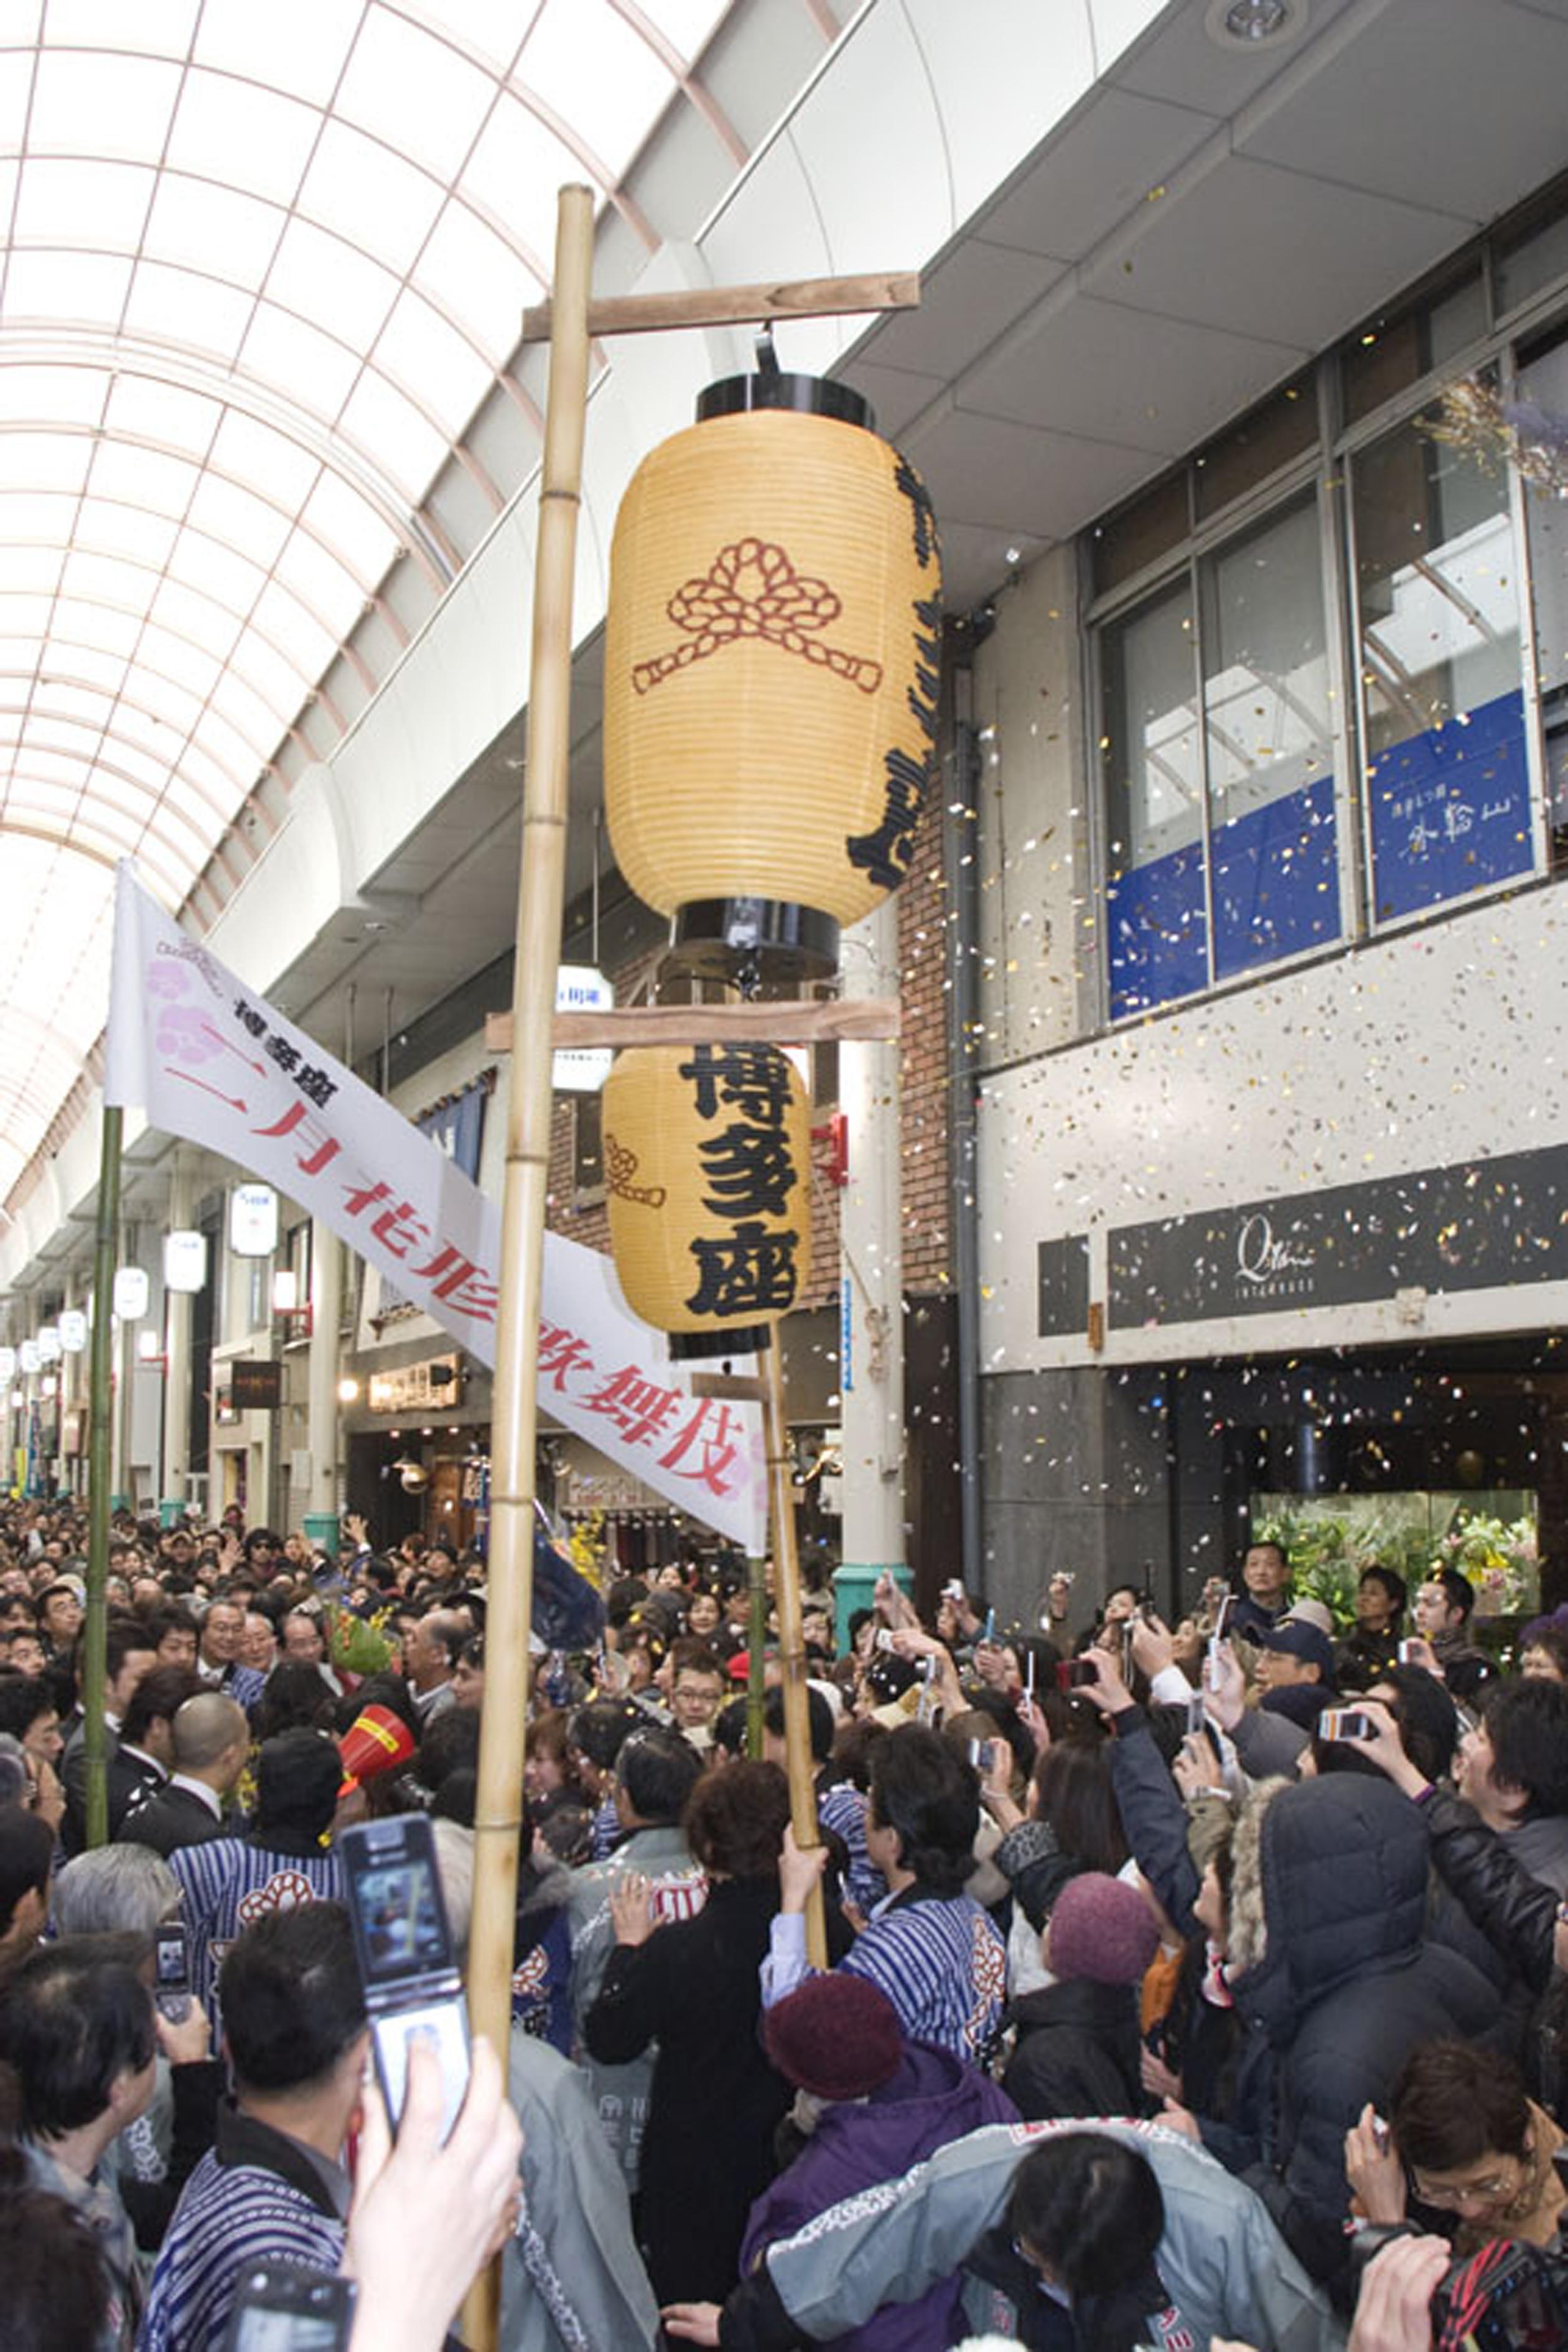 川端商店街での節分(2008)の画像